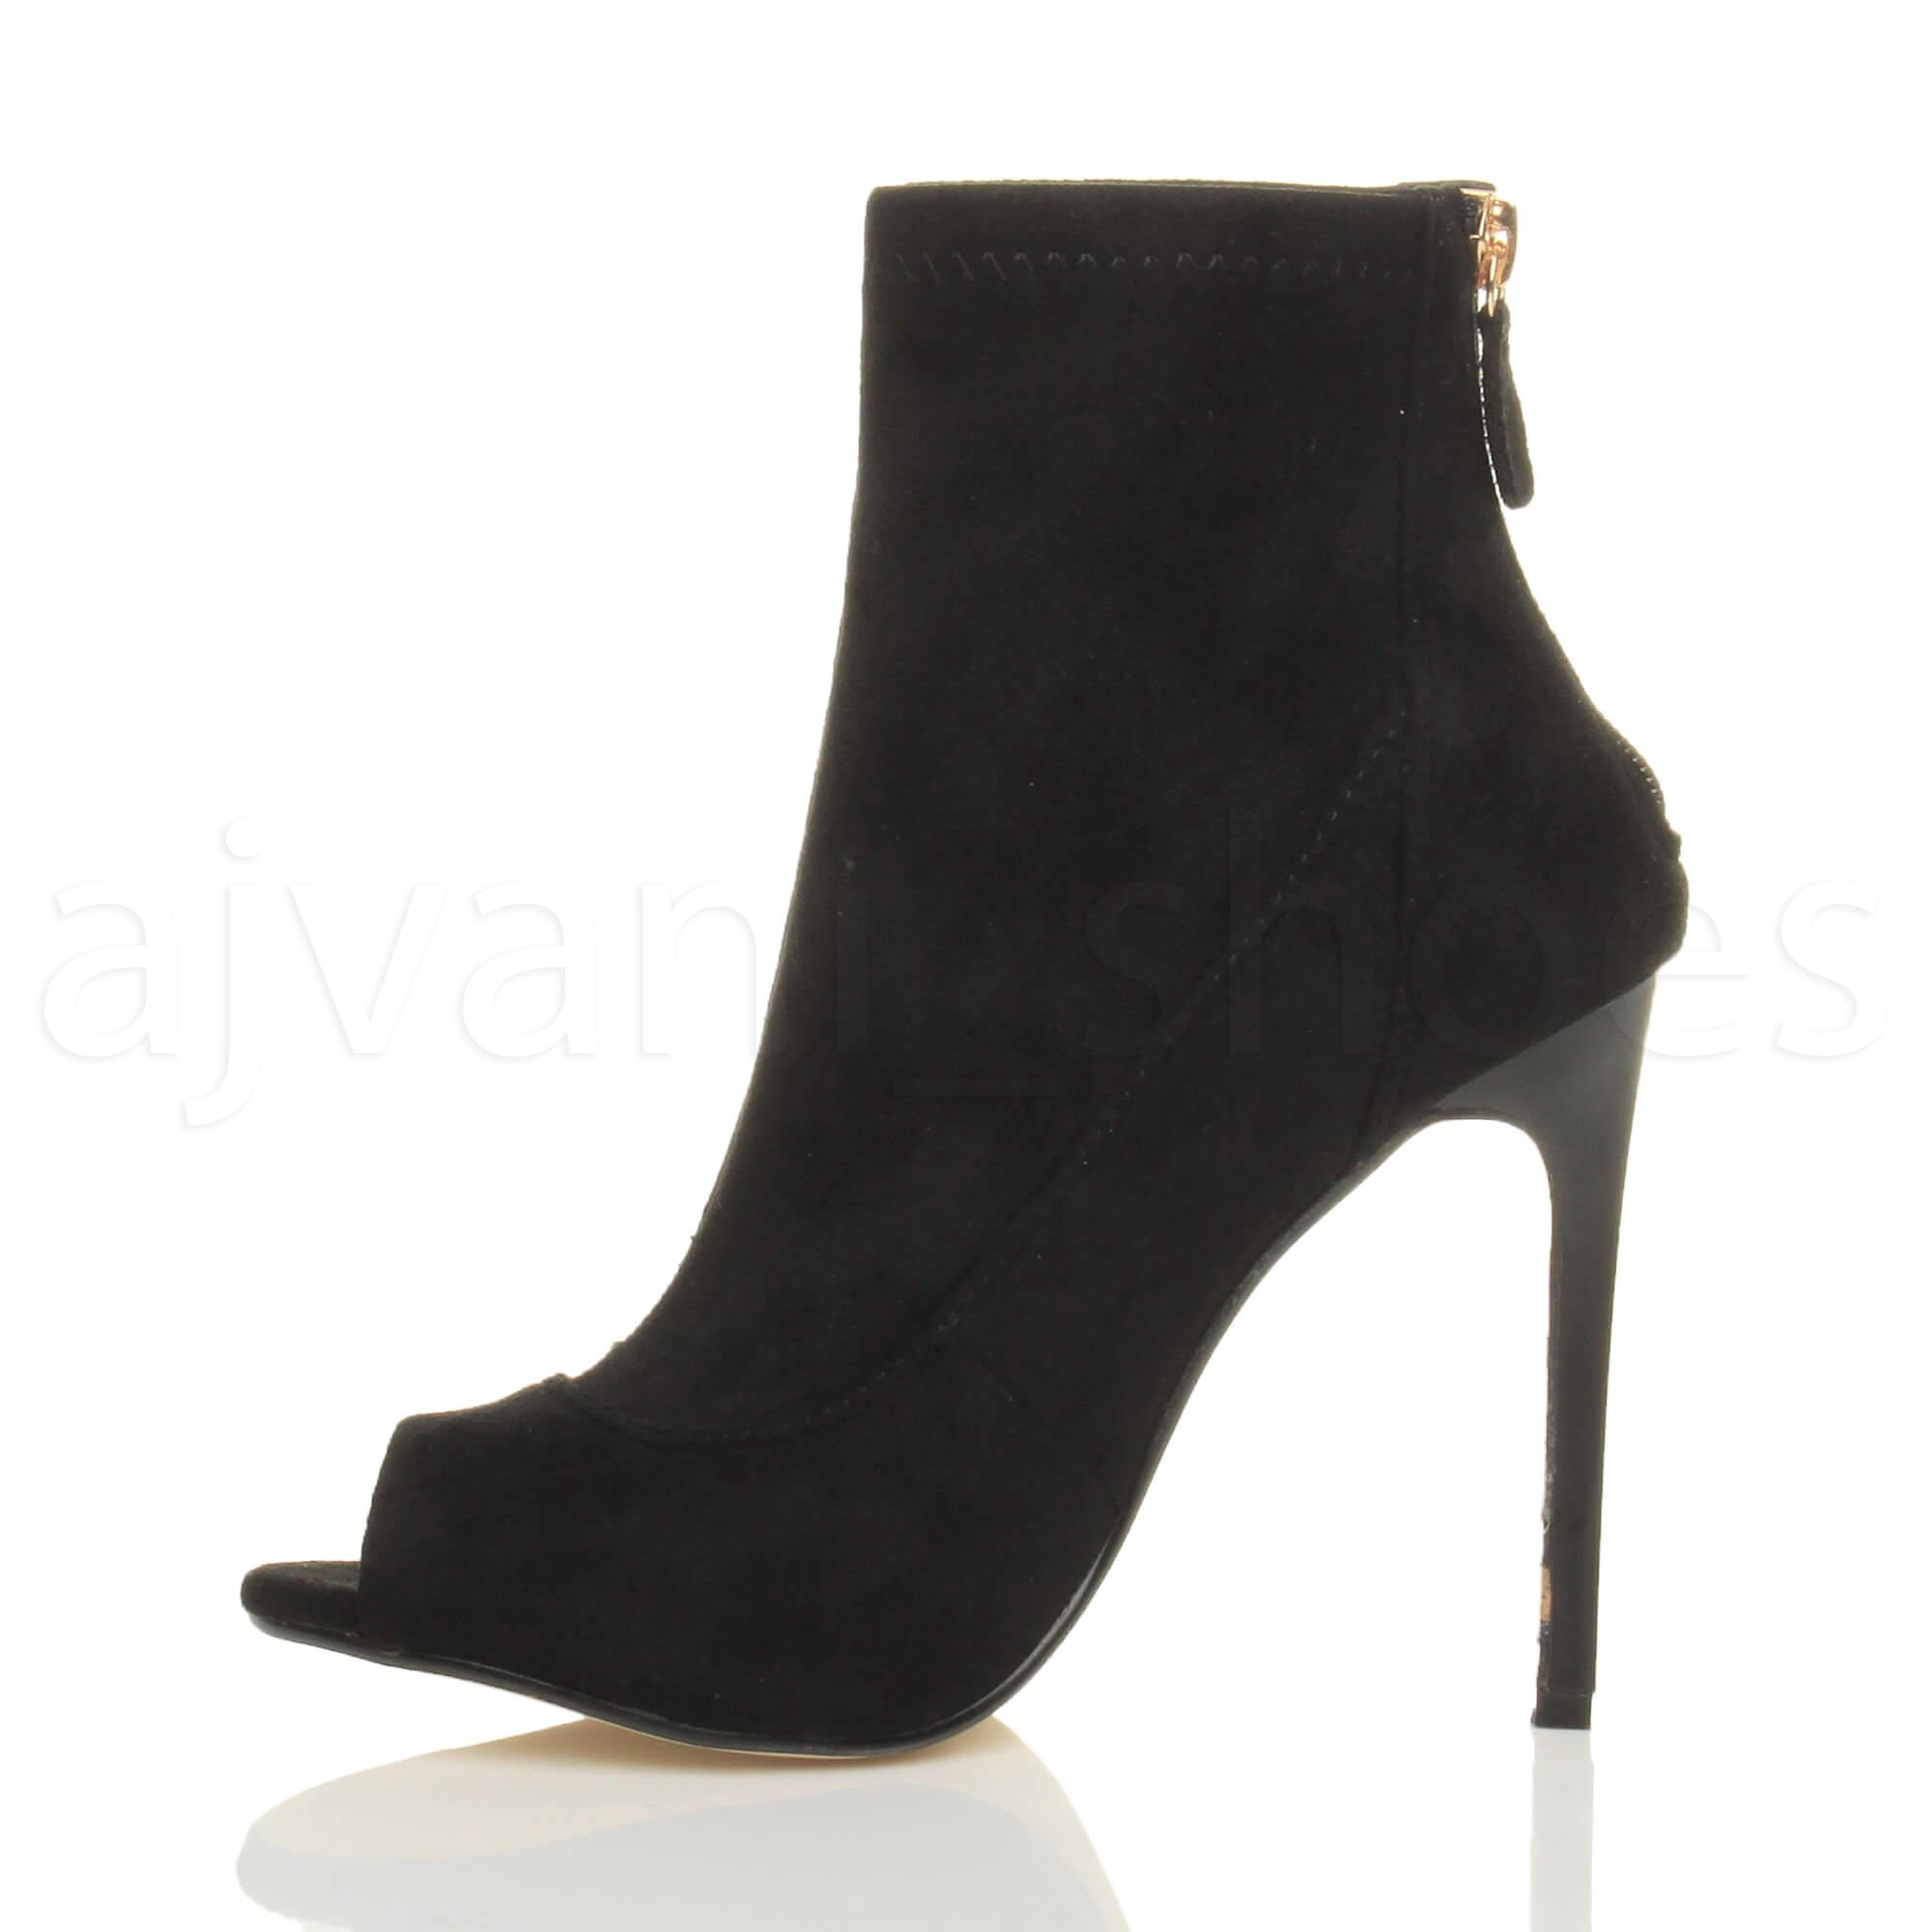 femmes haut talon aiguille bout ouvert branch bottines bottes sandale pointure ebay. Black Bedroom Furniture Sets. Home Design Ideas